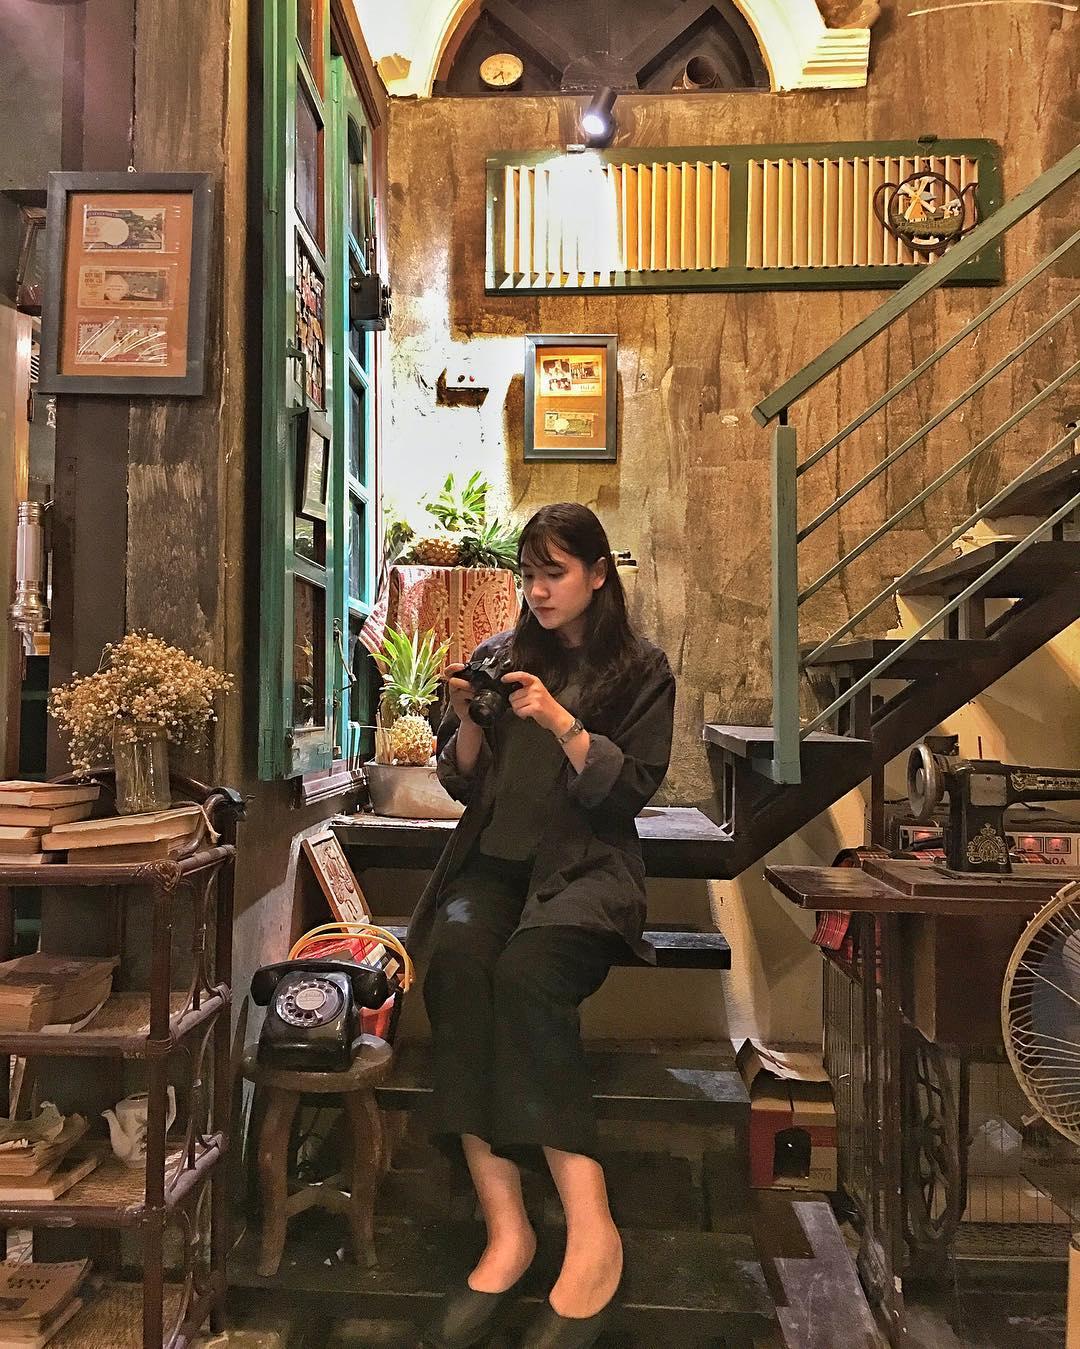 hanoi_nhung-quan-cafe-phong-cach-bao-cap-o-ha-noi-05